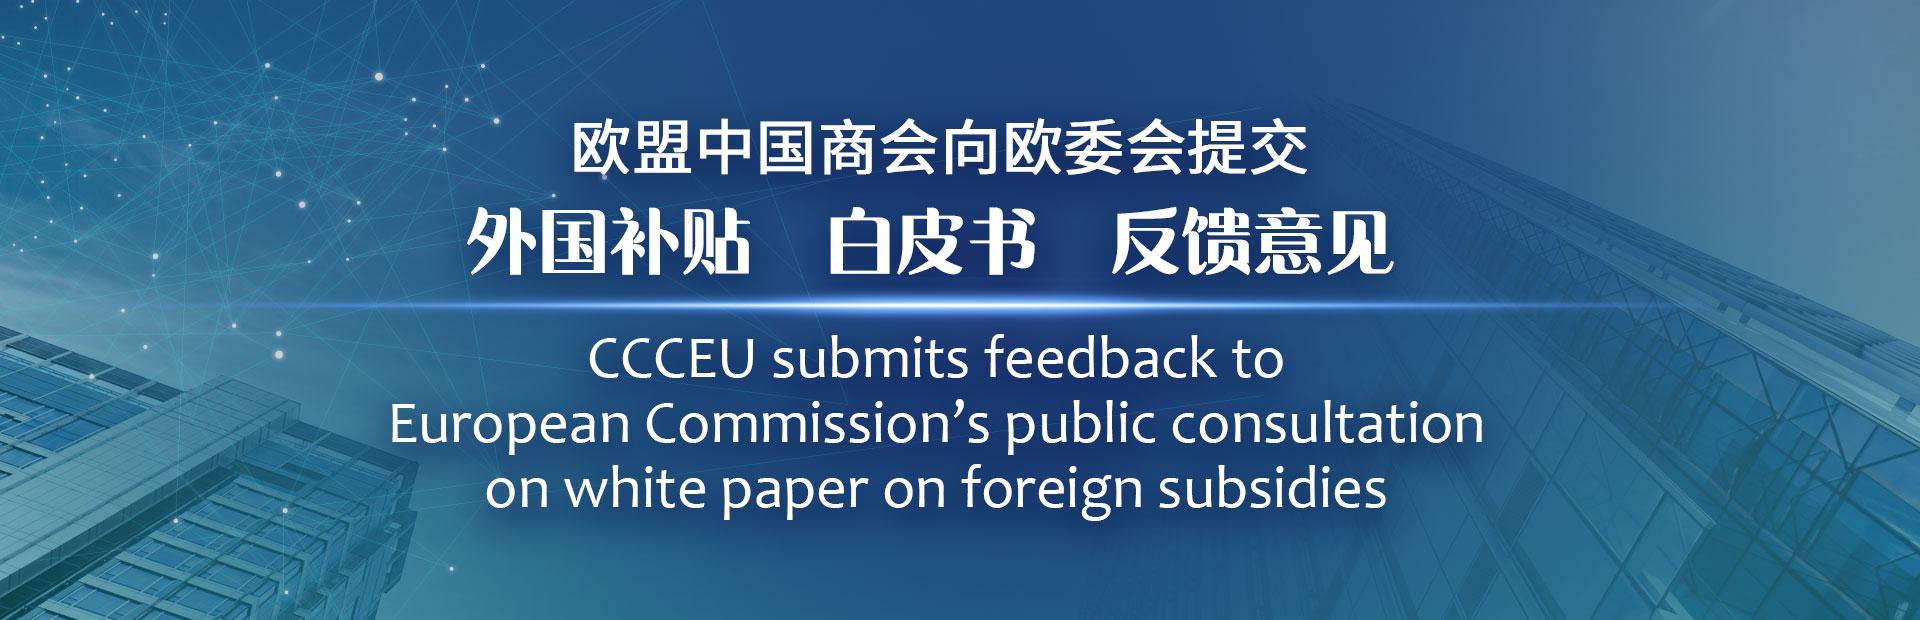 CCCEU responds to EC white paper